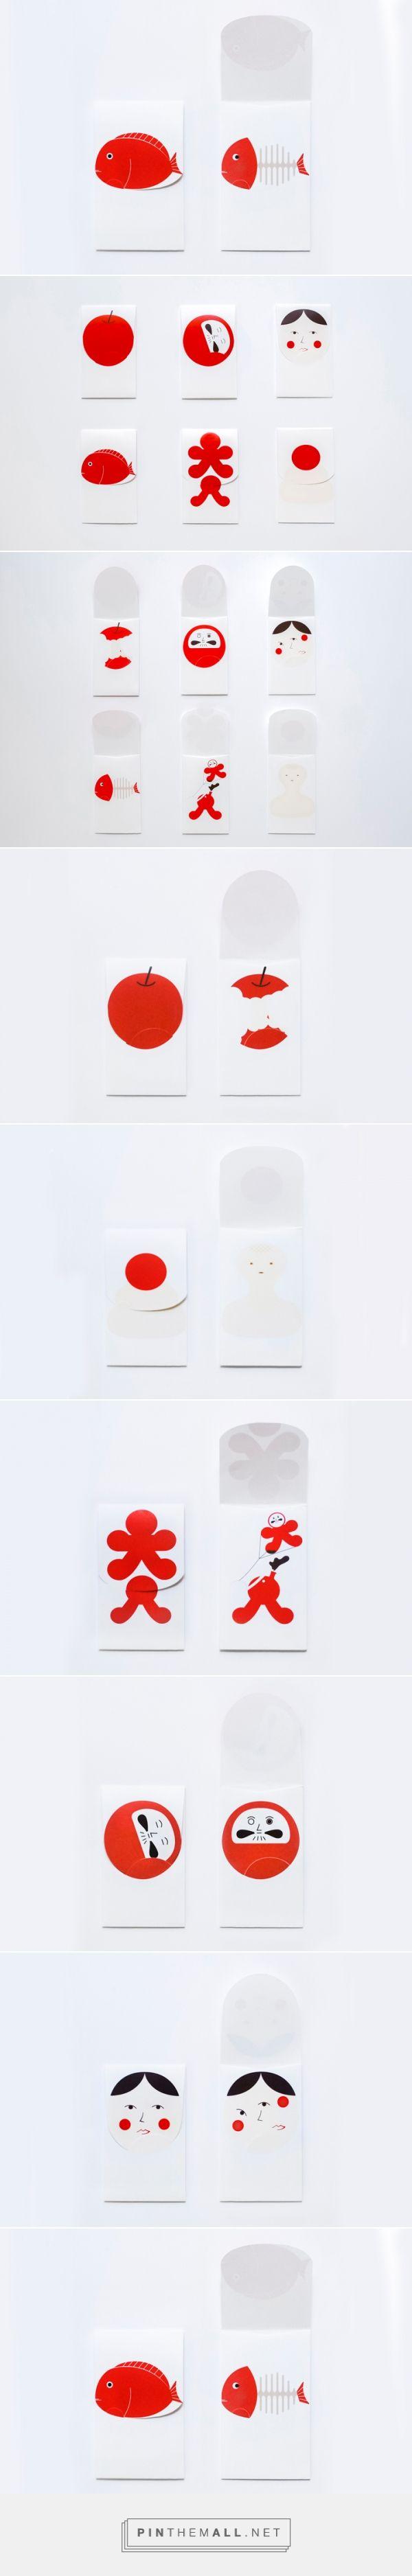 開けると不思議!もらってほっこり「ぽち袋」、D-BROSから発売 | デザイン情報サイト[JDN] - created on 2015-12-07 09:54:10